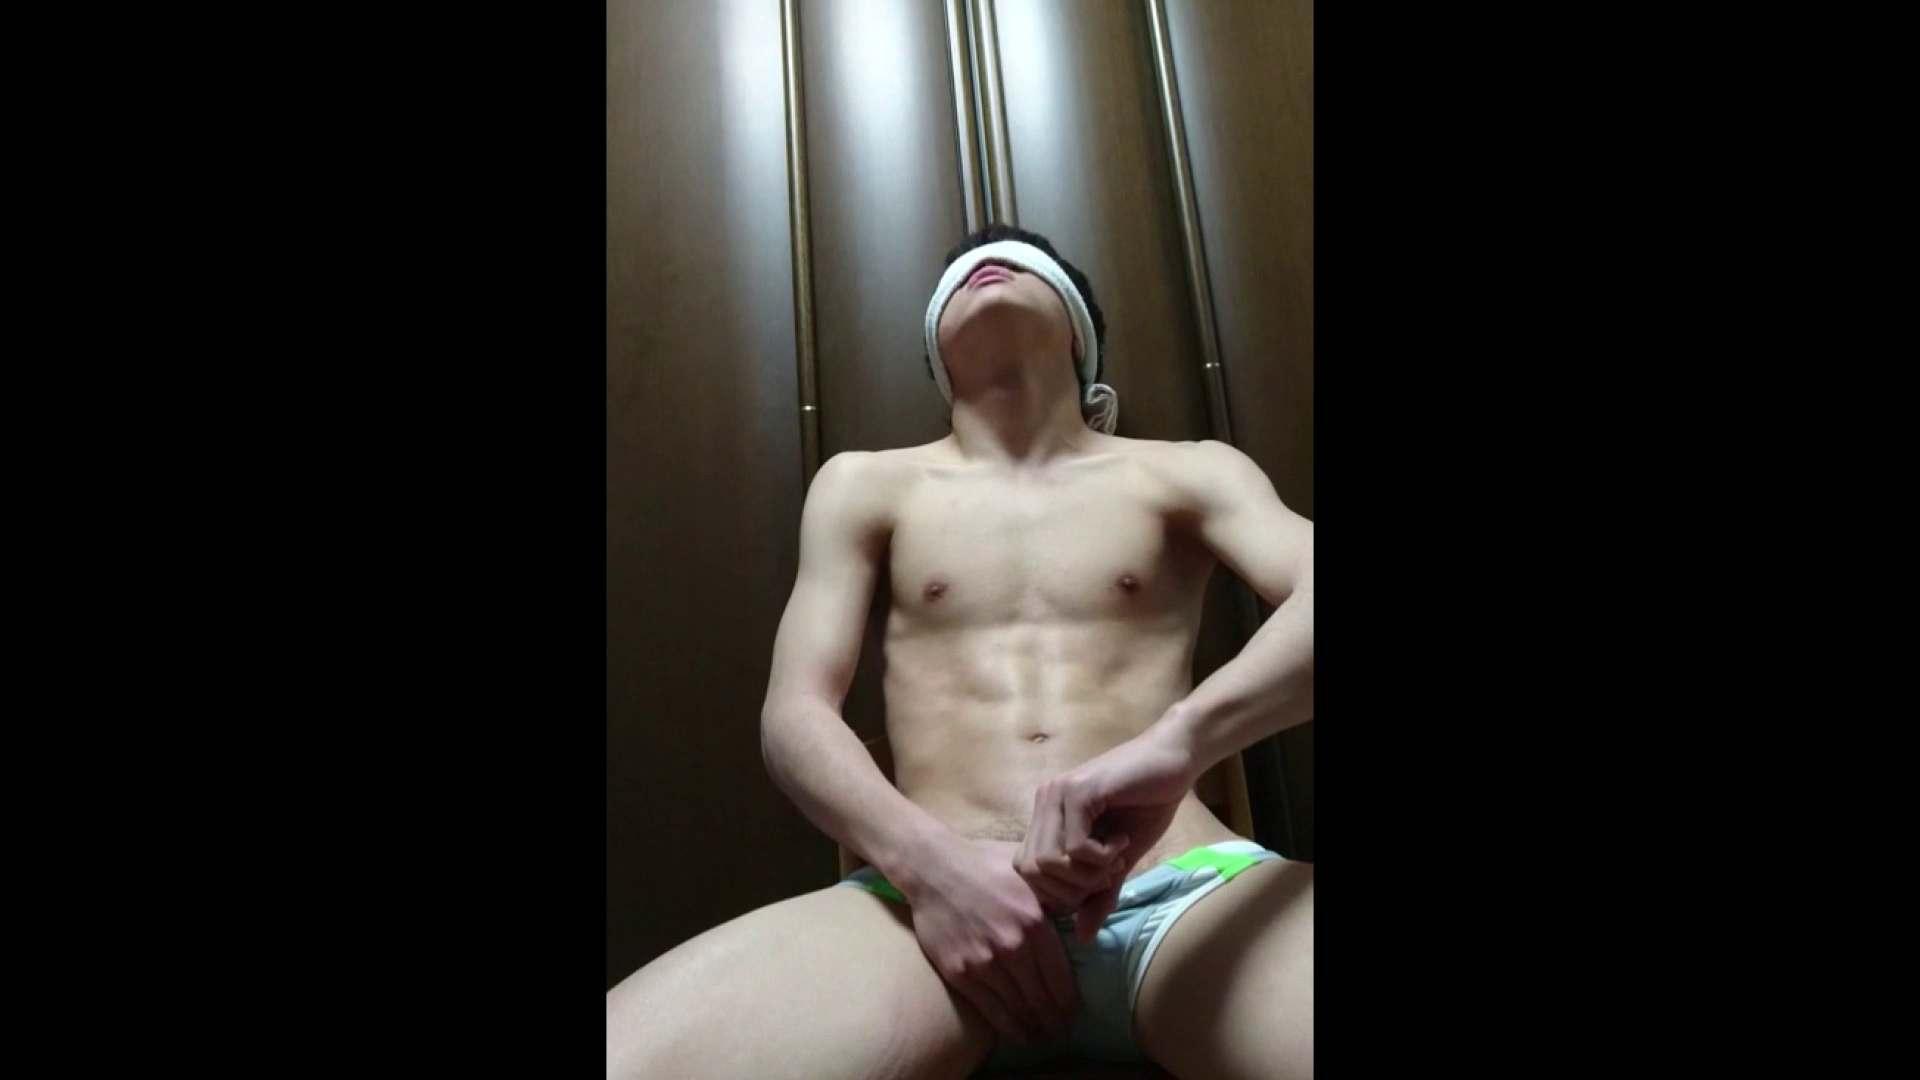 個人撮影 自慰の極意 Vol.21 ゲイのオナニー映像 ゲイセックス画像 107枚 32